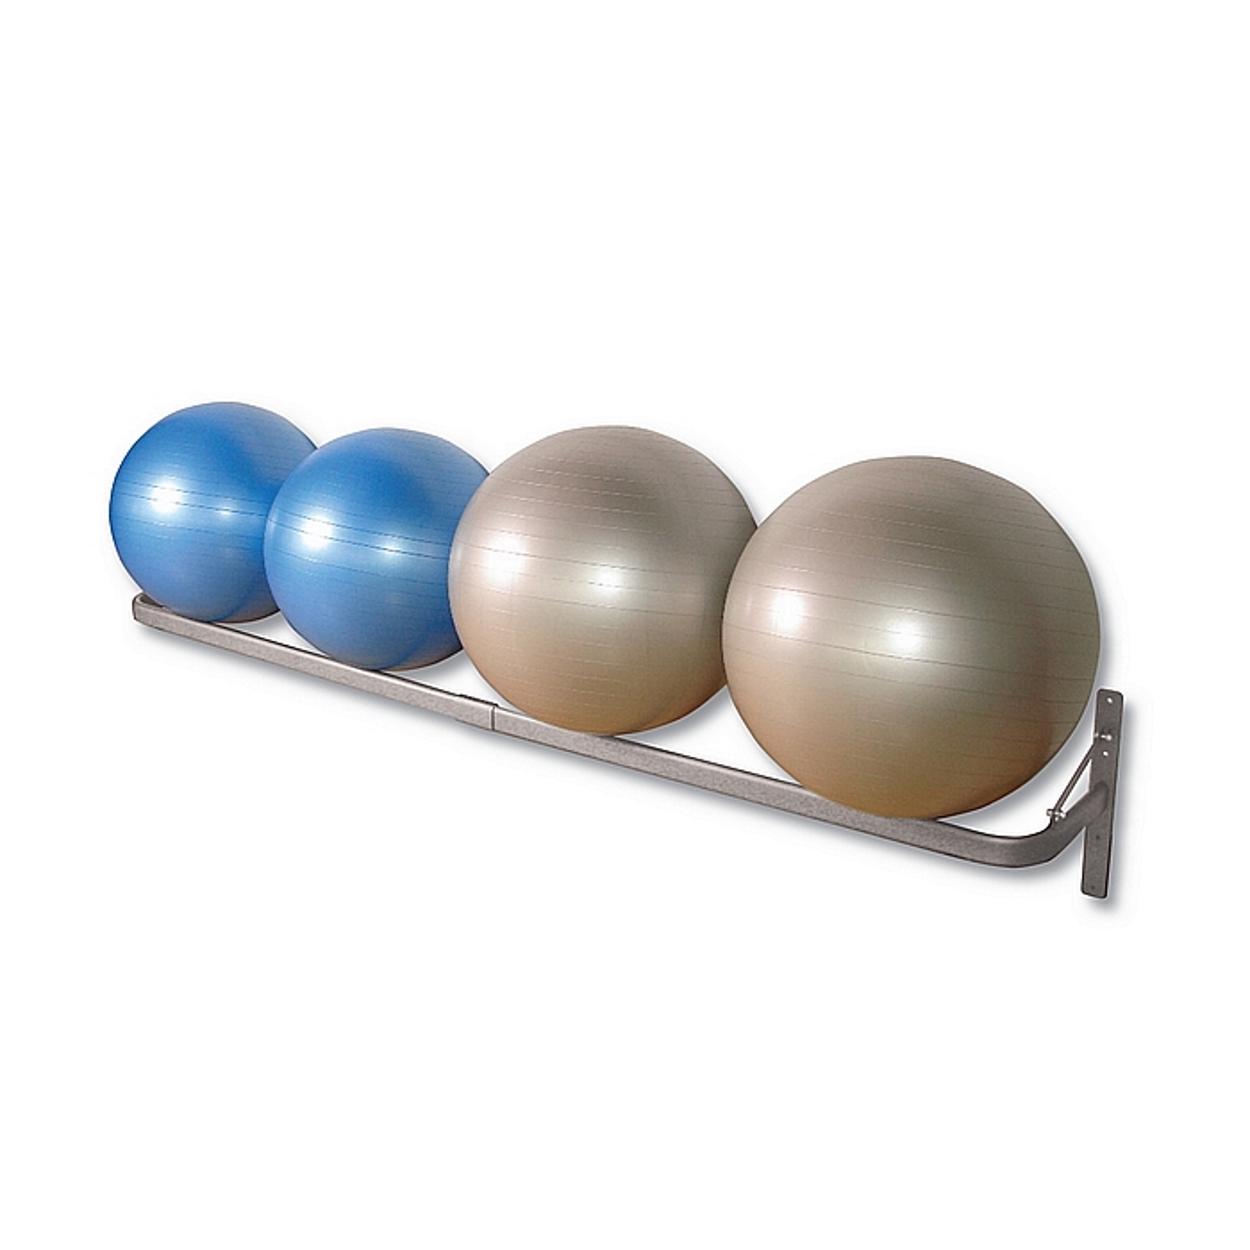 4 Ball Wall Rack